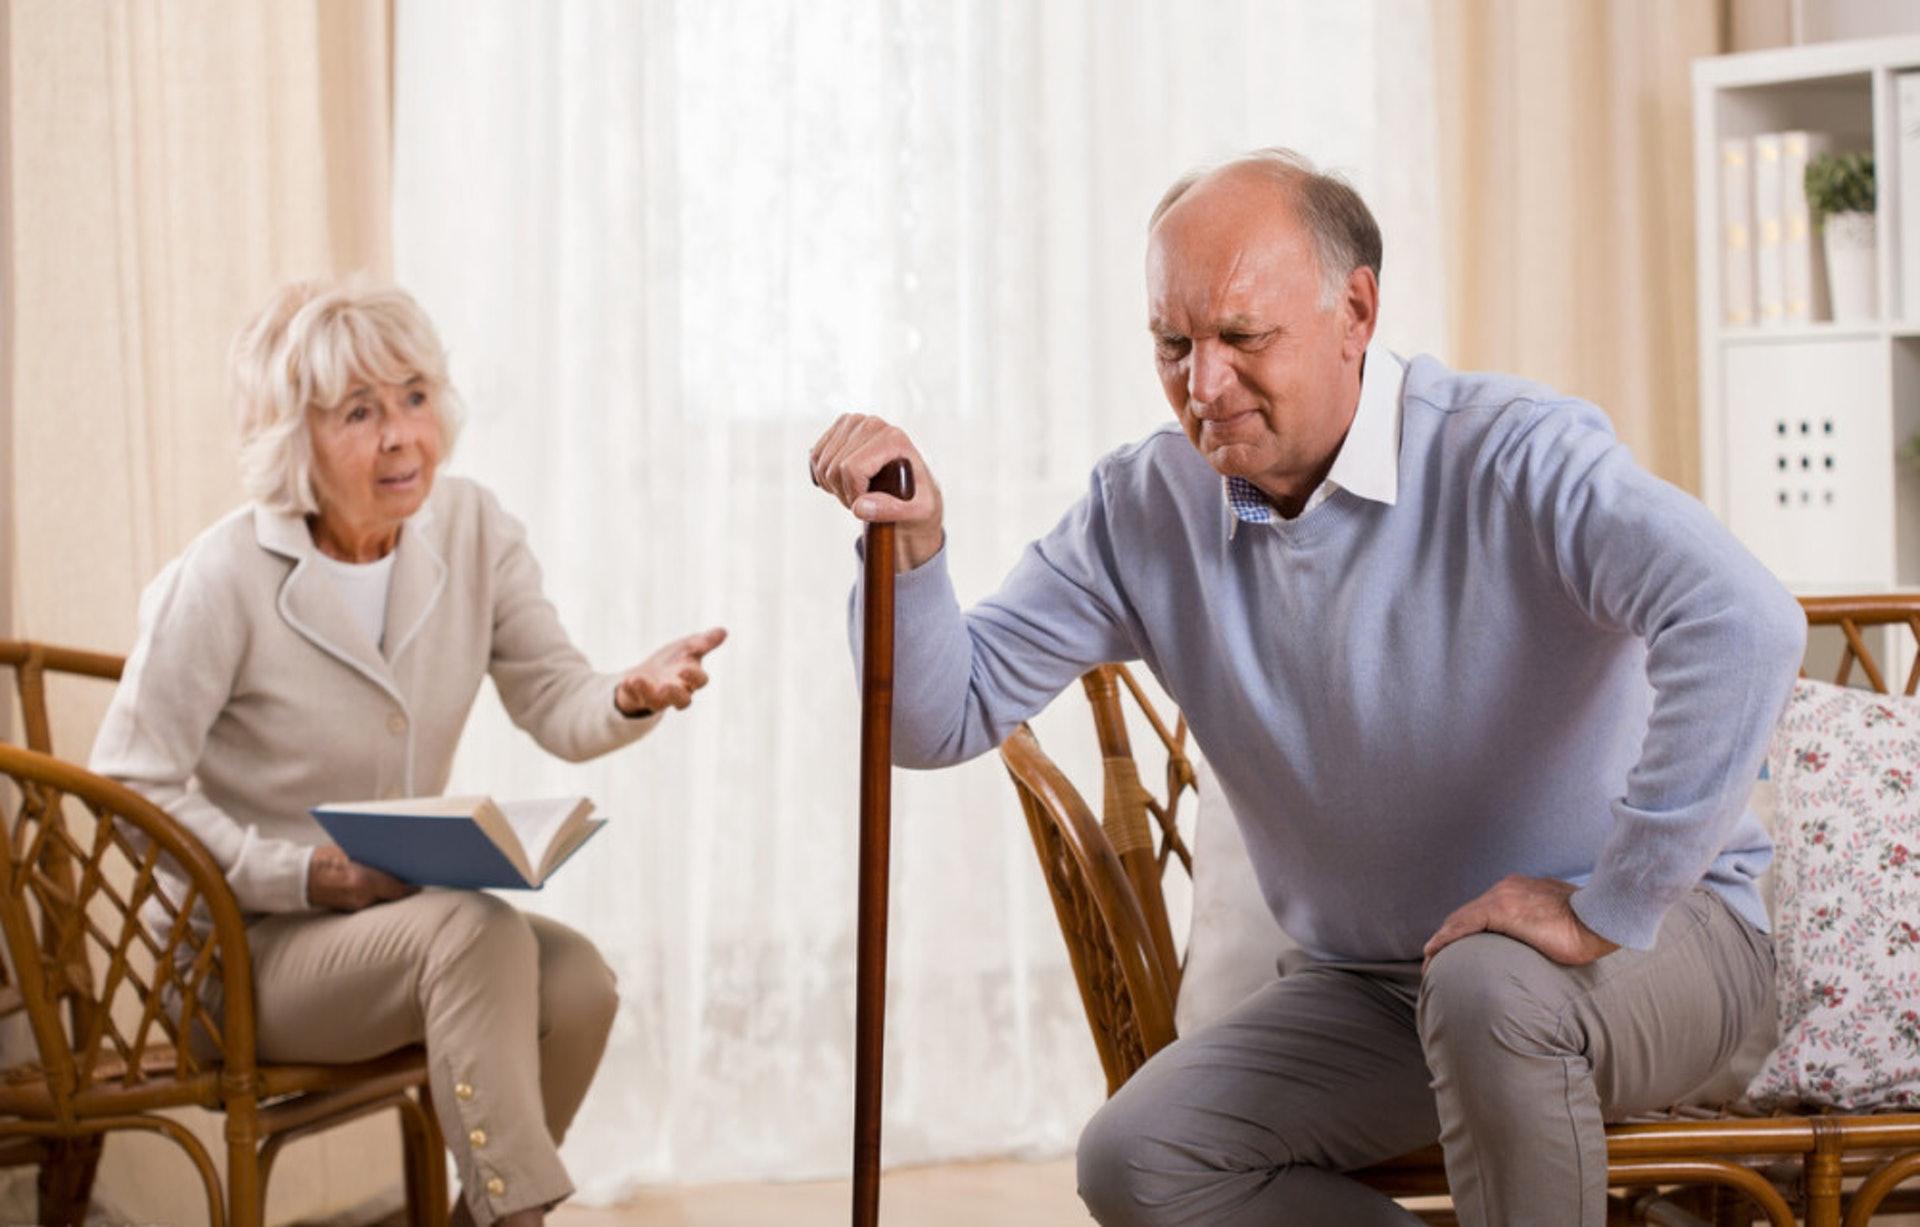 平常所說的「老人家風濕」,其實大多是「退化性關節炎」,因韌帶、肌腱過度使用或長期使用不當所致,45歲以上人士是高危人士。(圖片:google)